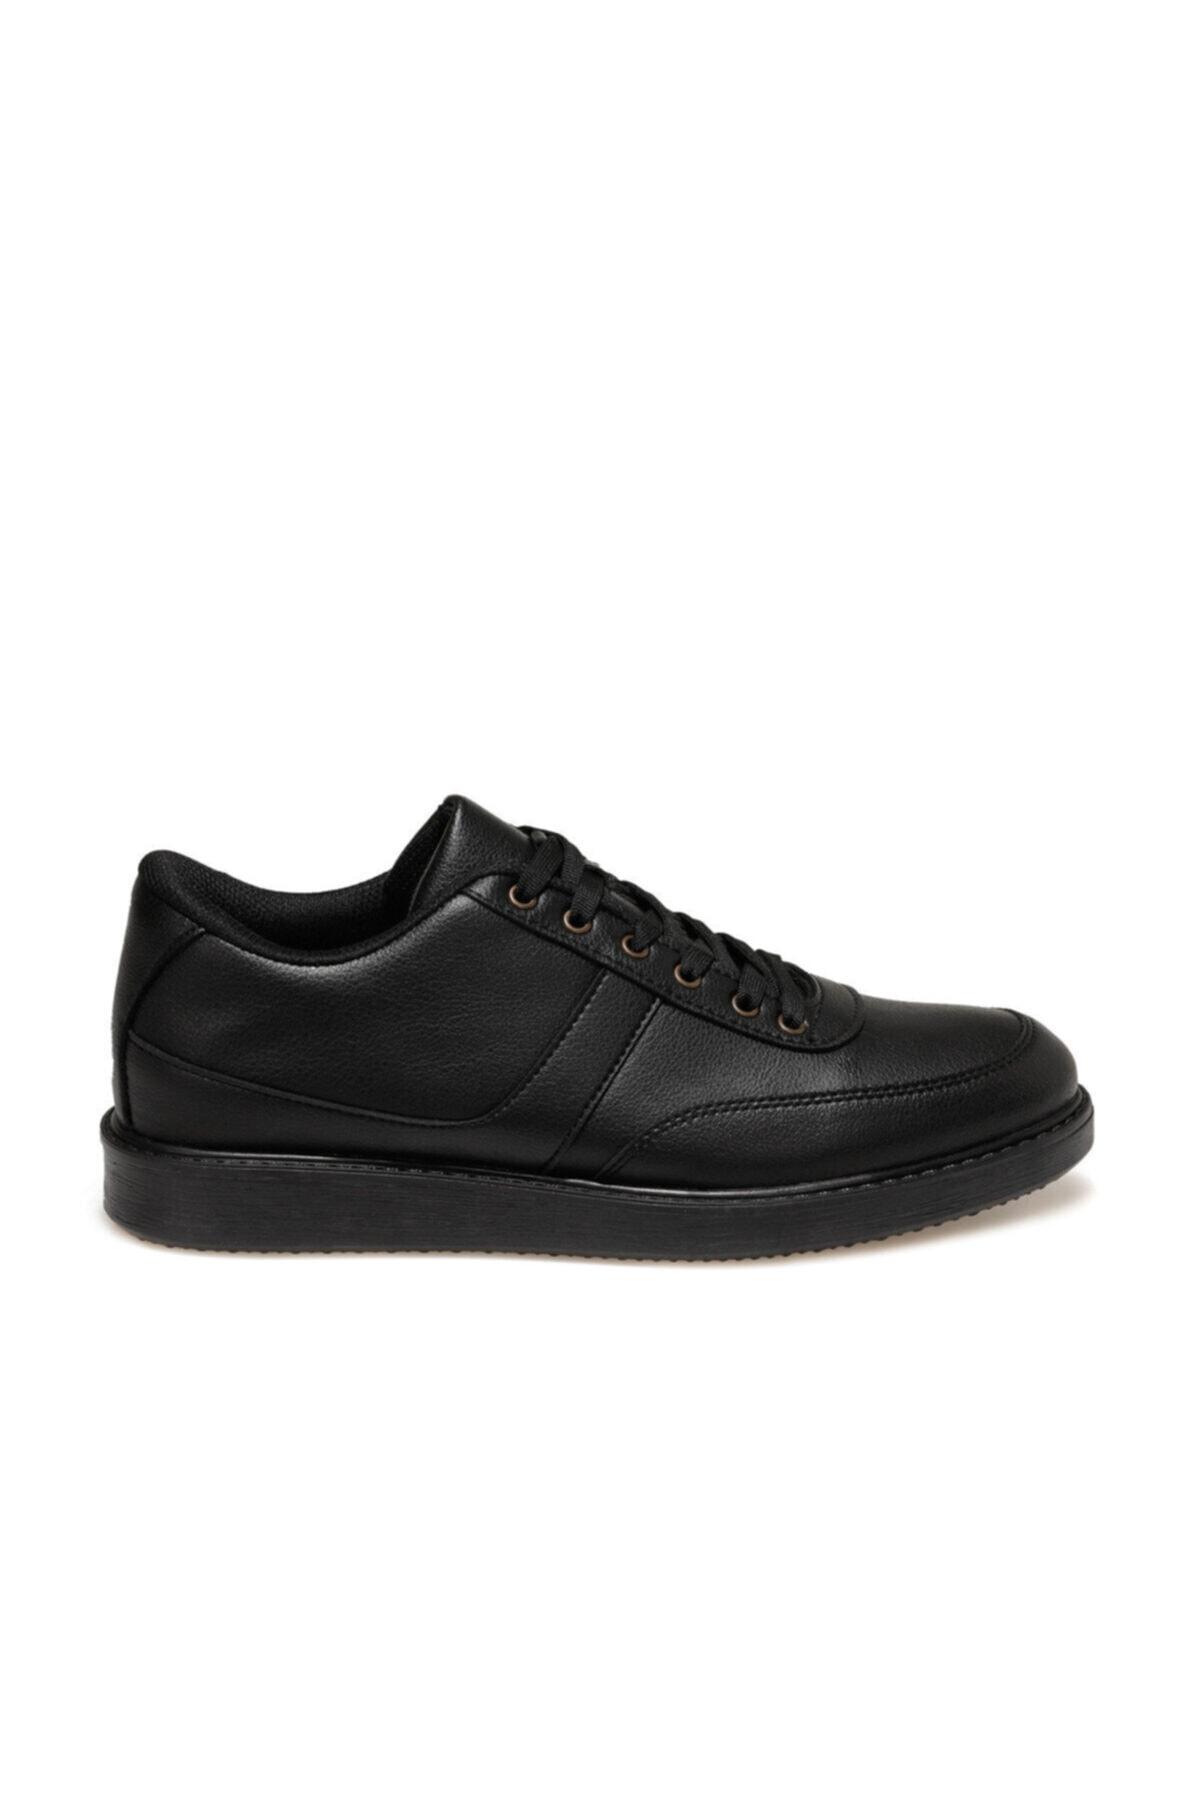 OXIDE 1453-X Siyah Erkek Günlük Ayakkabı 100573406 2